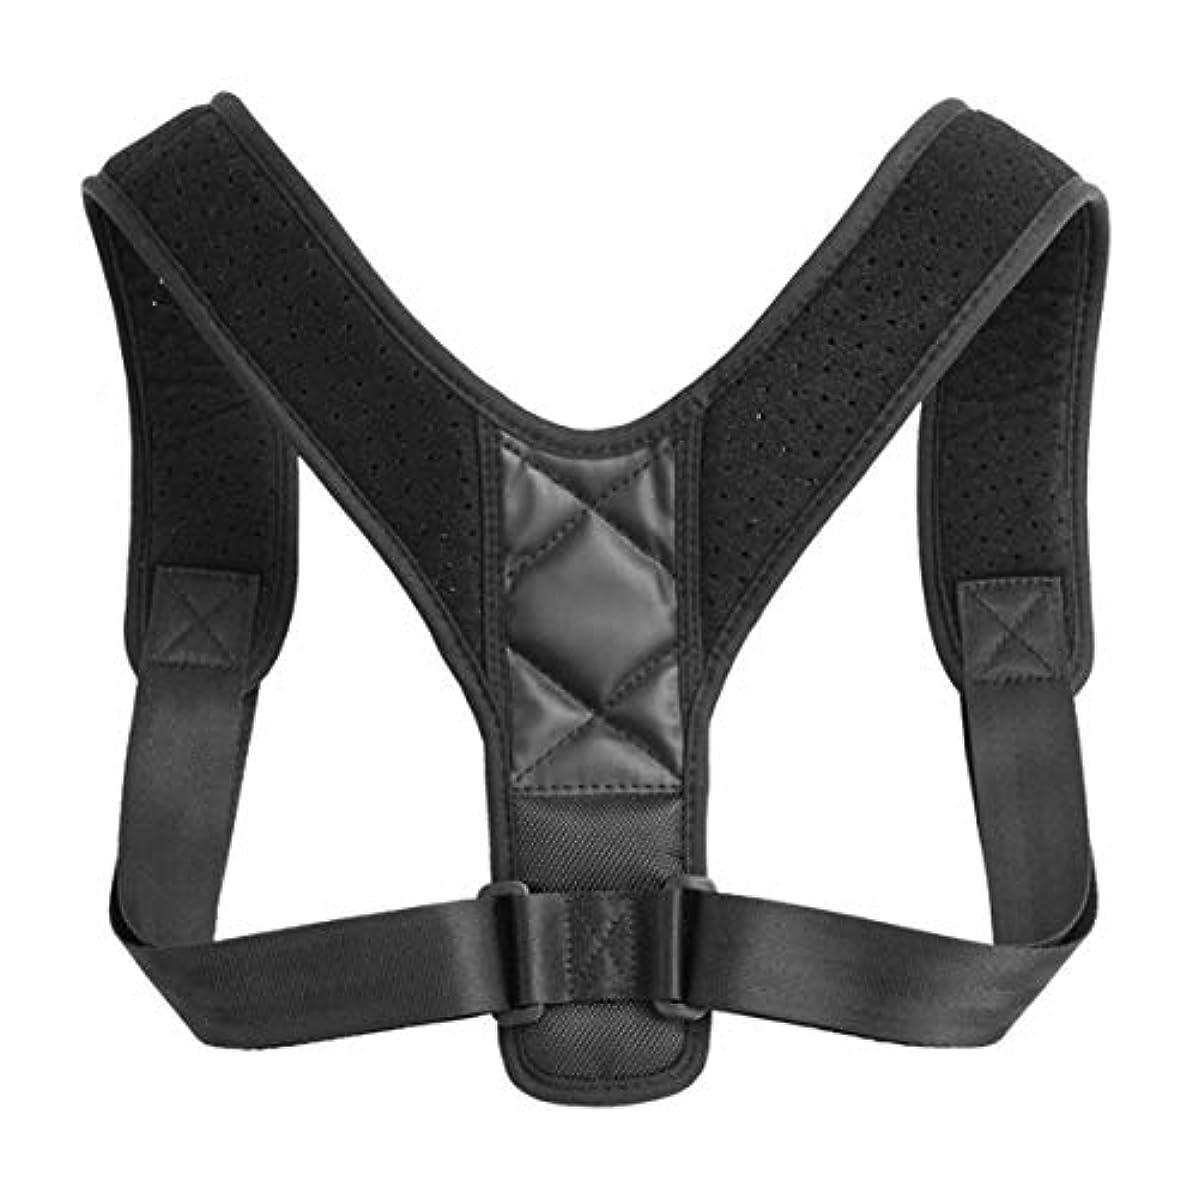 見物人一時停止ラッチ大人の学生調節可能な背中の姿勢補正ブレースショルダーサポートバンドベルトの姿勢正しいベルト防止ハンチバック - ブラック